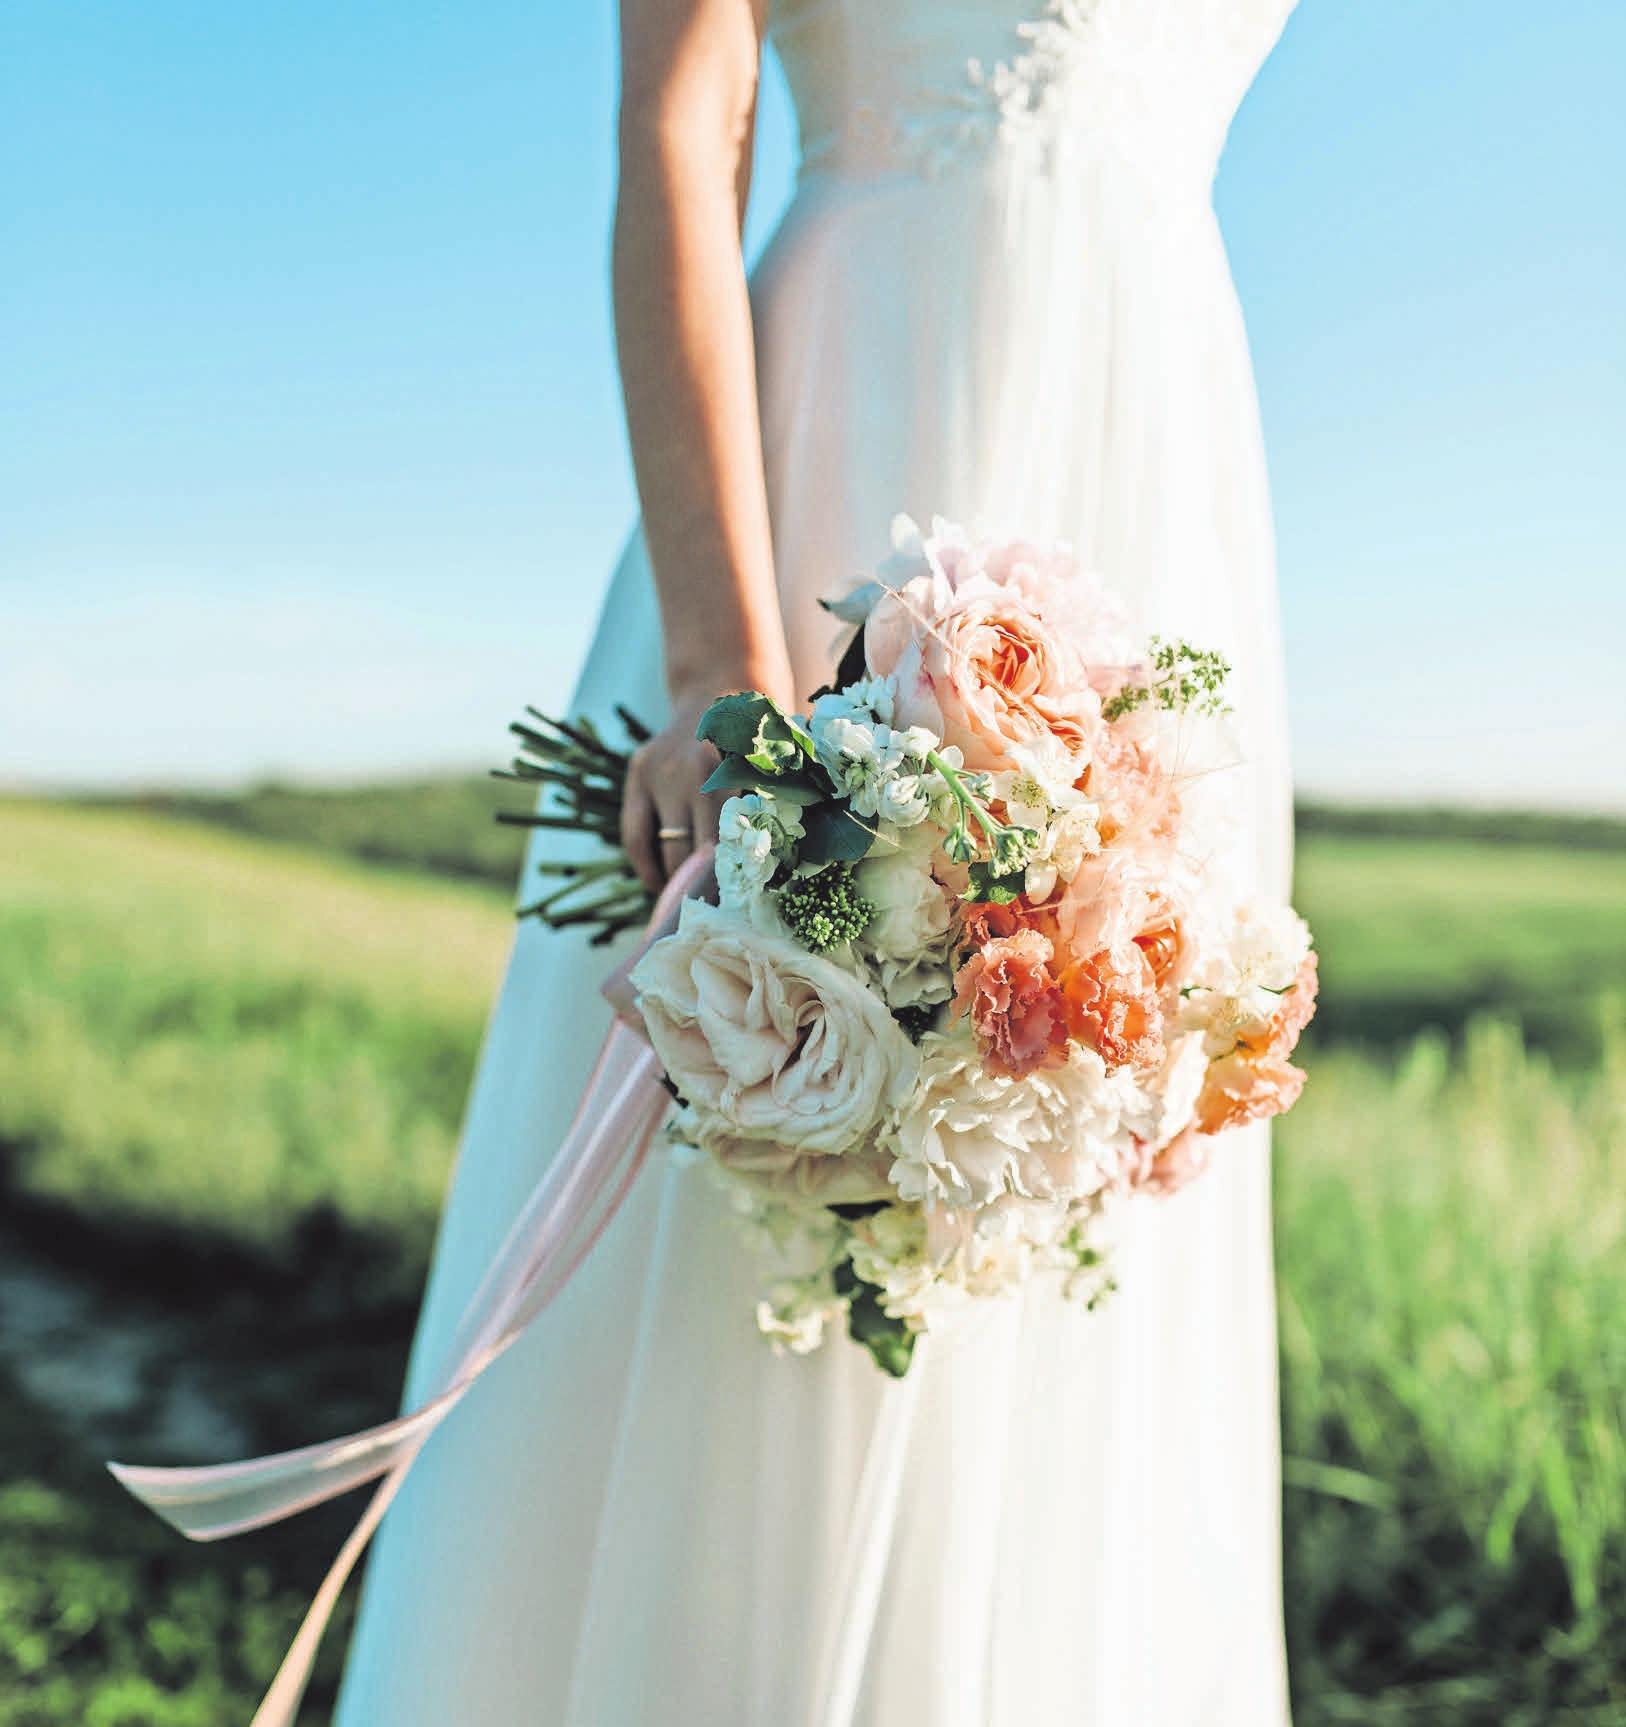 Für jede Braut gibt es das perfekte Kleid. Foto: Pexels, Dmitry Zvolskiy